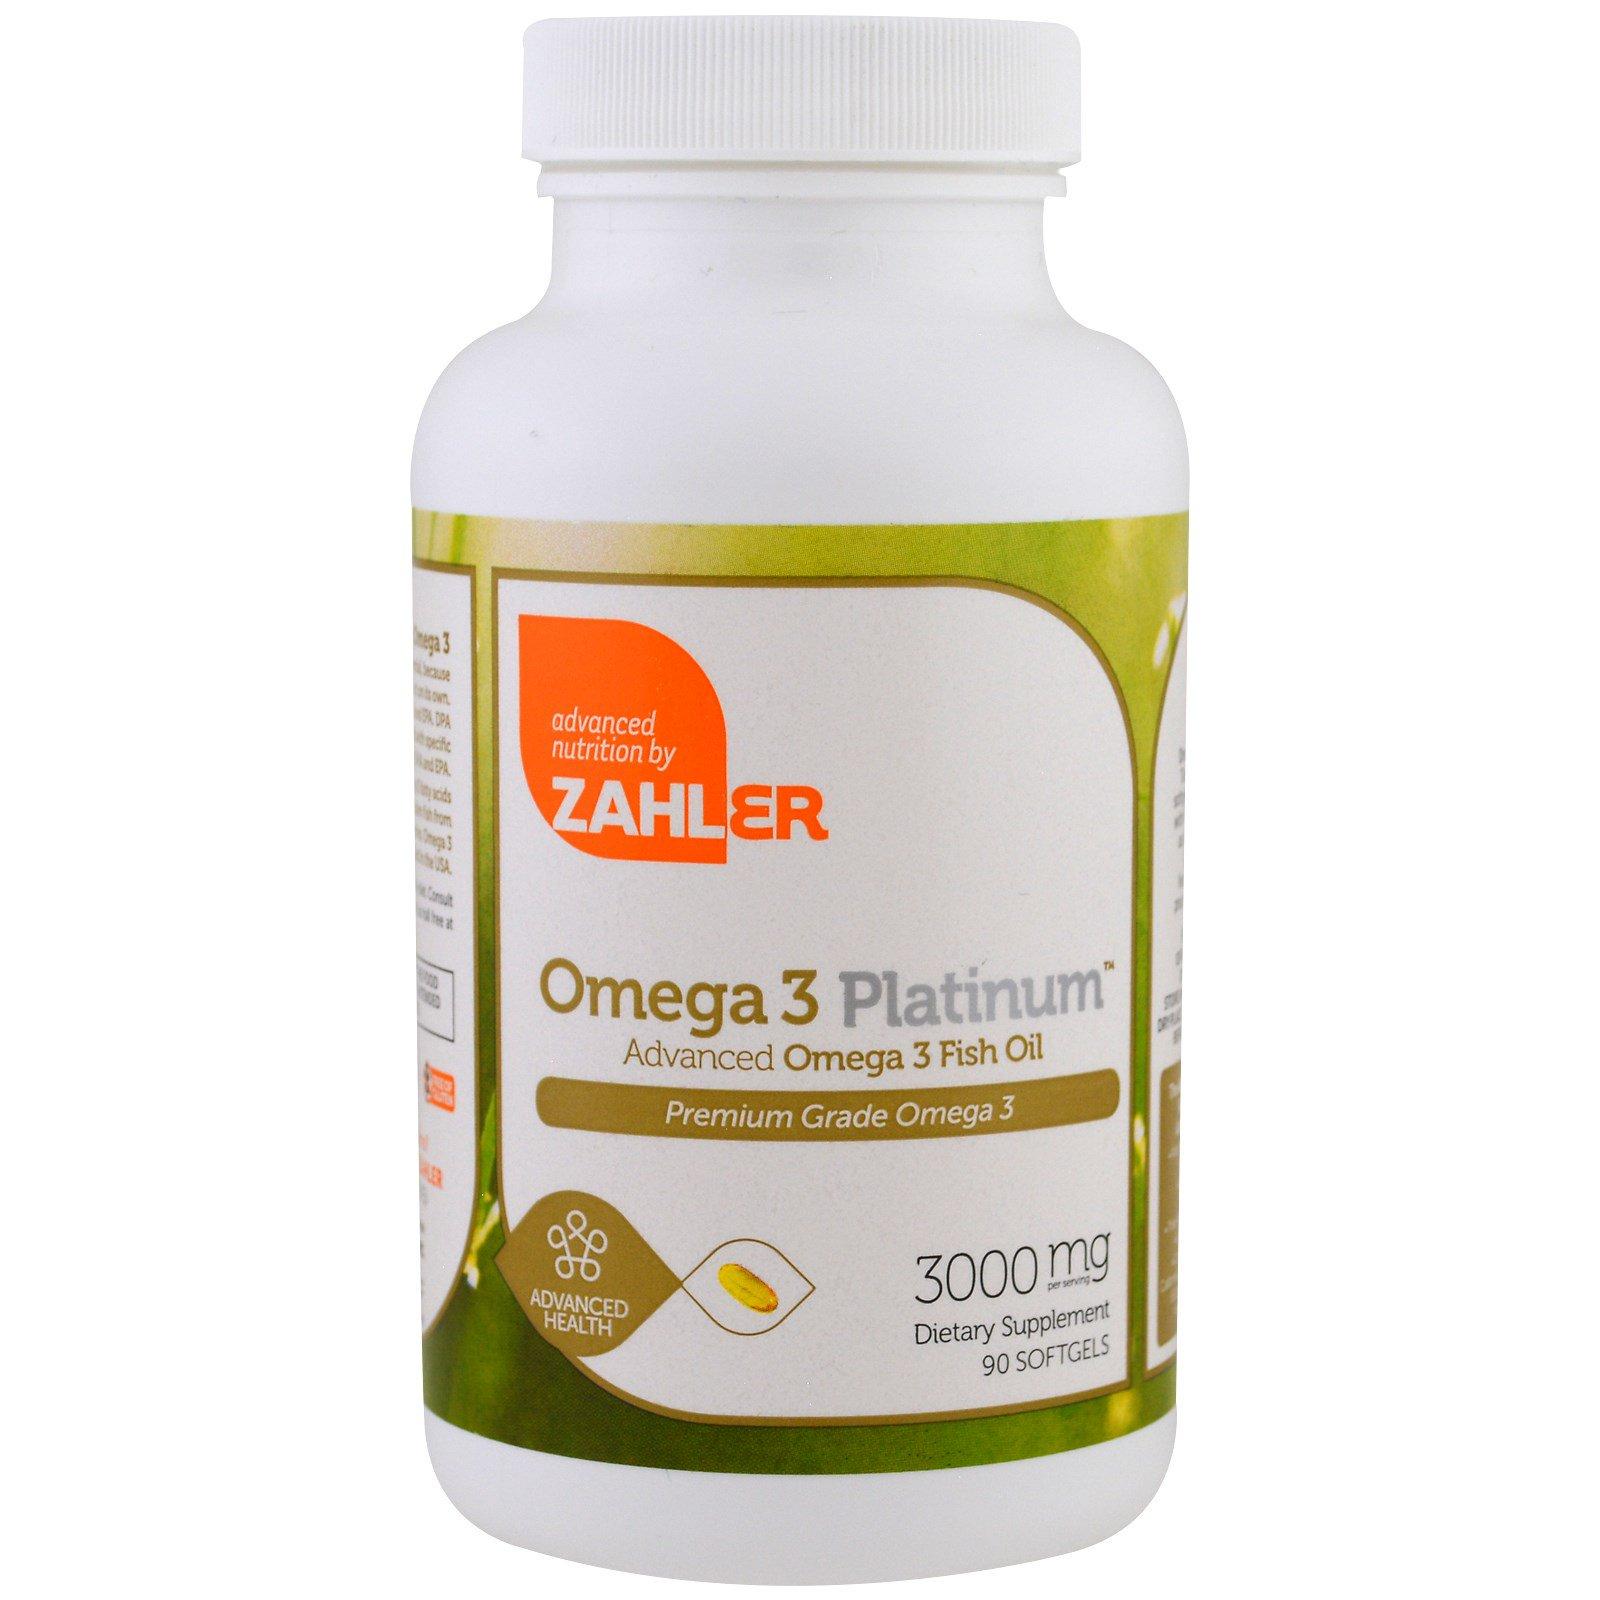 Zahler, Omega 3 Platinum, Продвинутый рыбий жир с Омега-3, 3000 мг, 90 мягких капсул